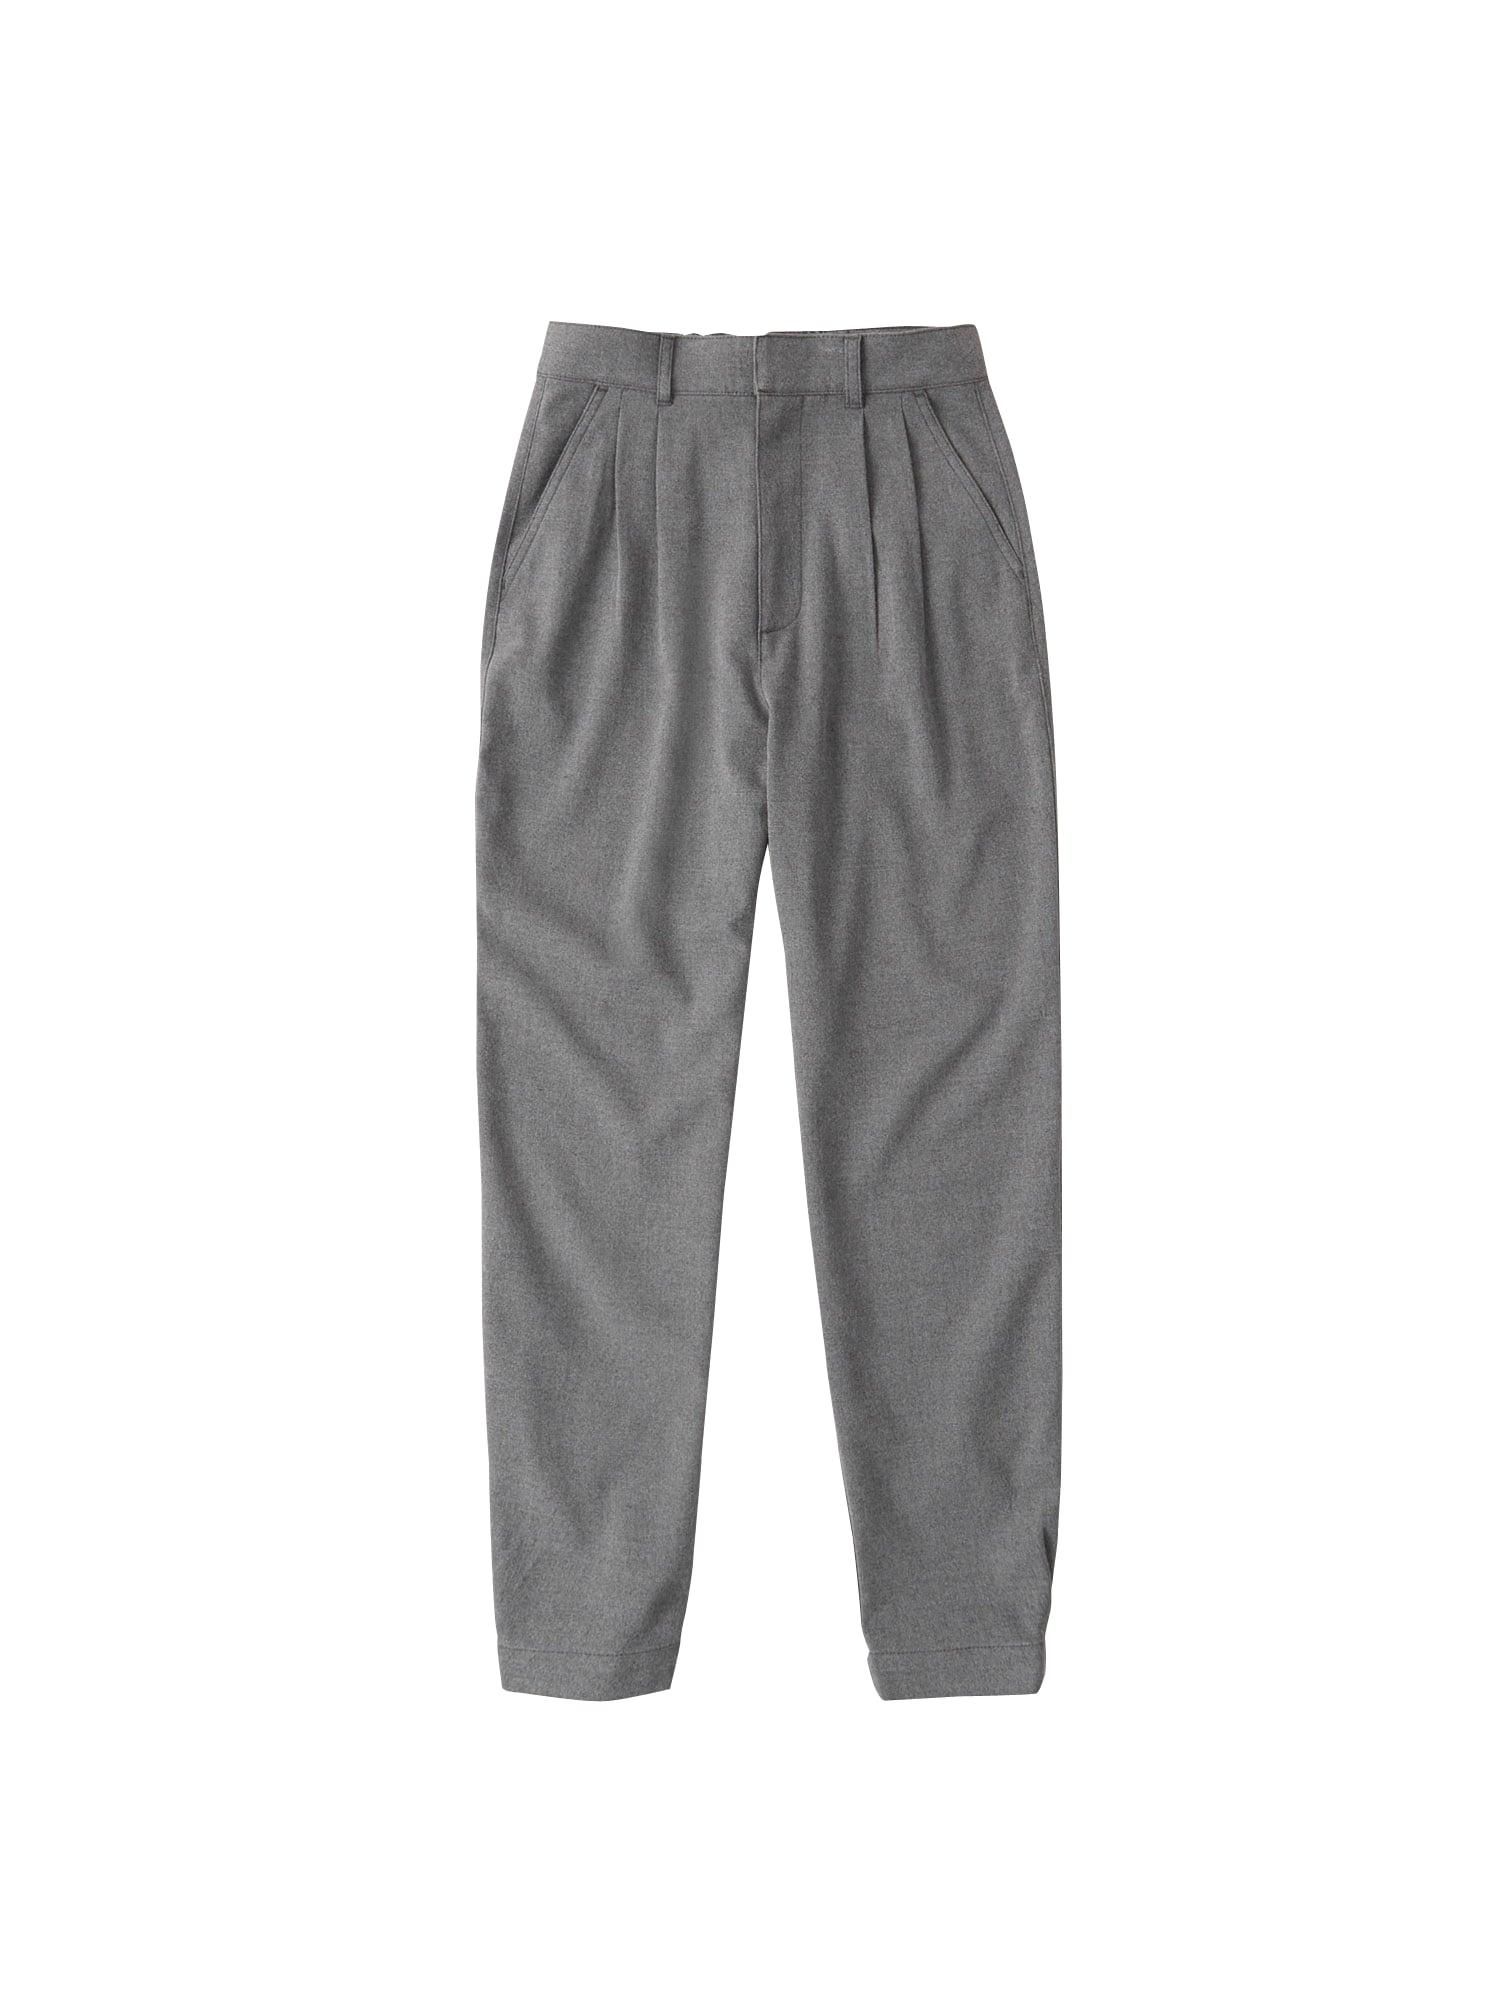 Abercrombie & Fitch Klostuotos kelnės margai pilka